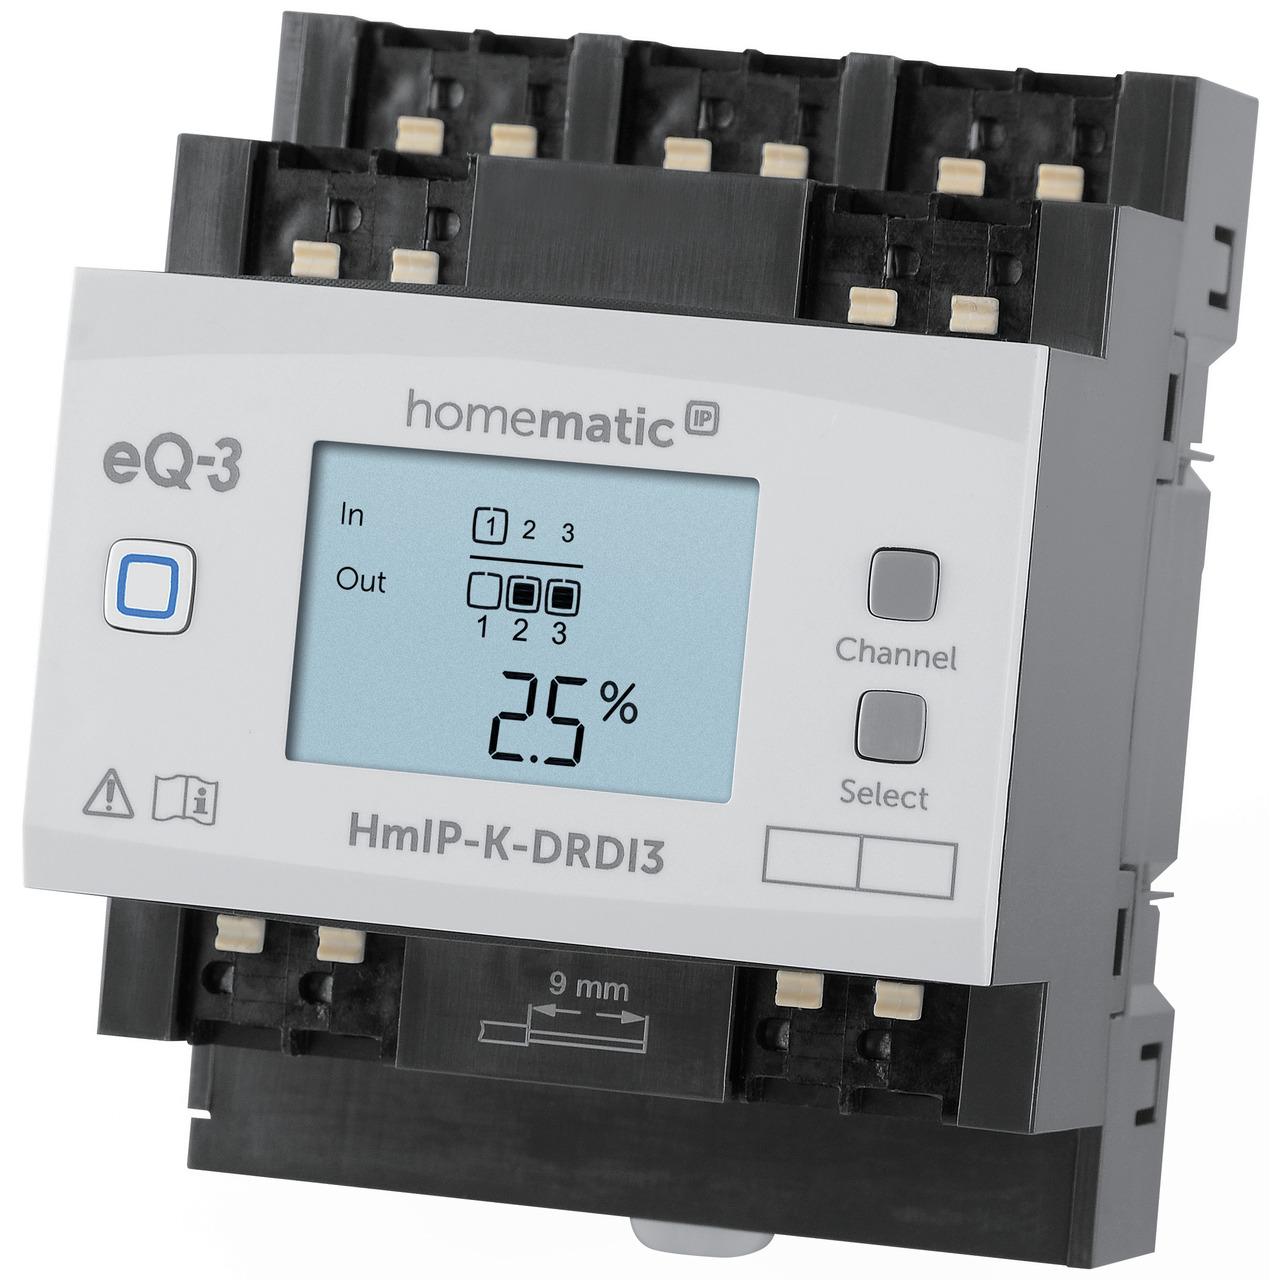 ELV Homematic IP Komplettbausatz 3-fach-Dimmaktor fund-252 r Hutschienenmontage HmIP-K-DRDI3